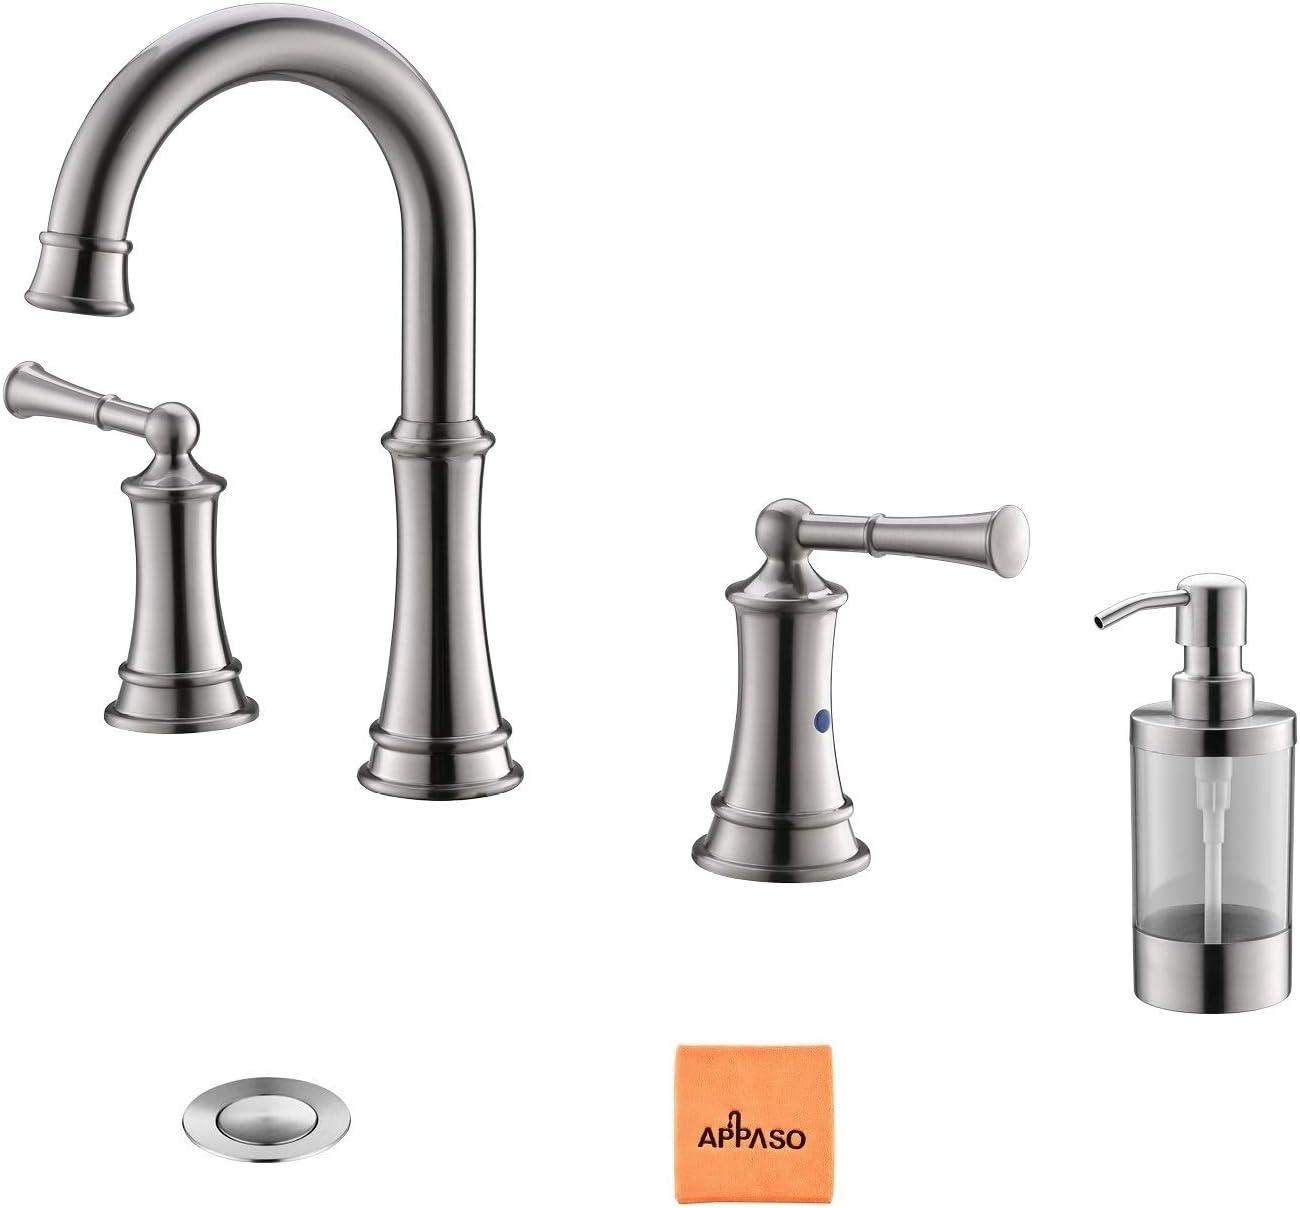 APPASO Widespread Sink Faucet